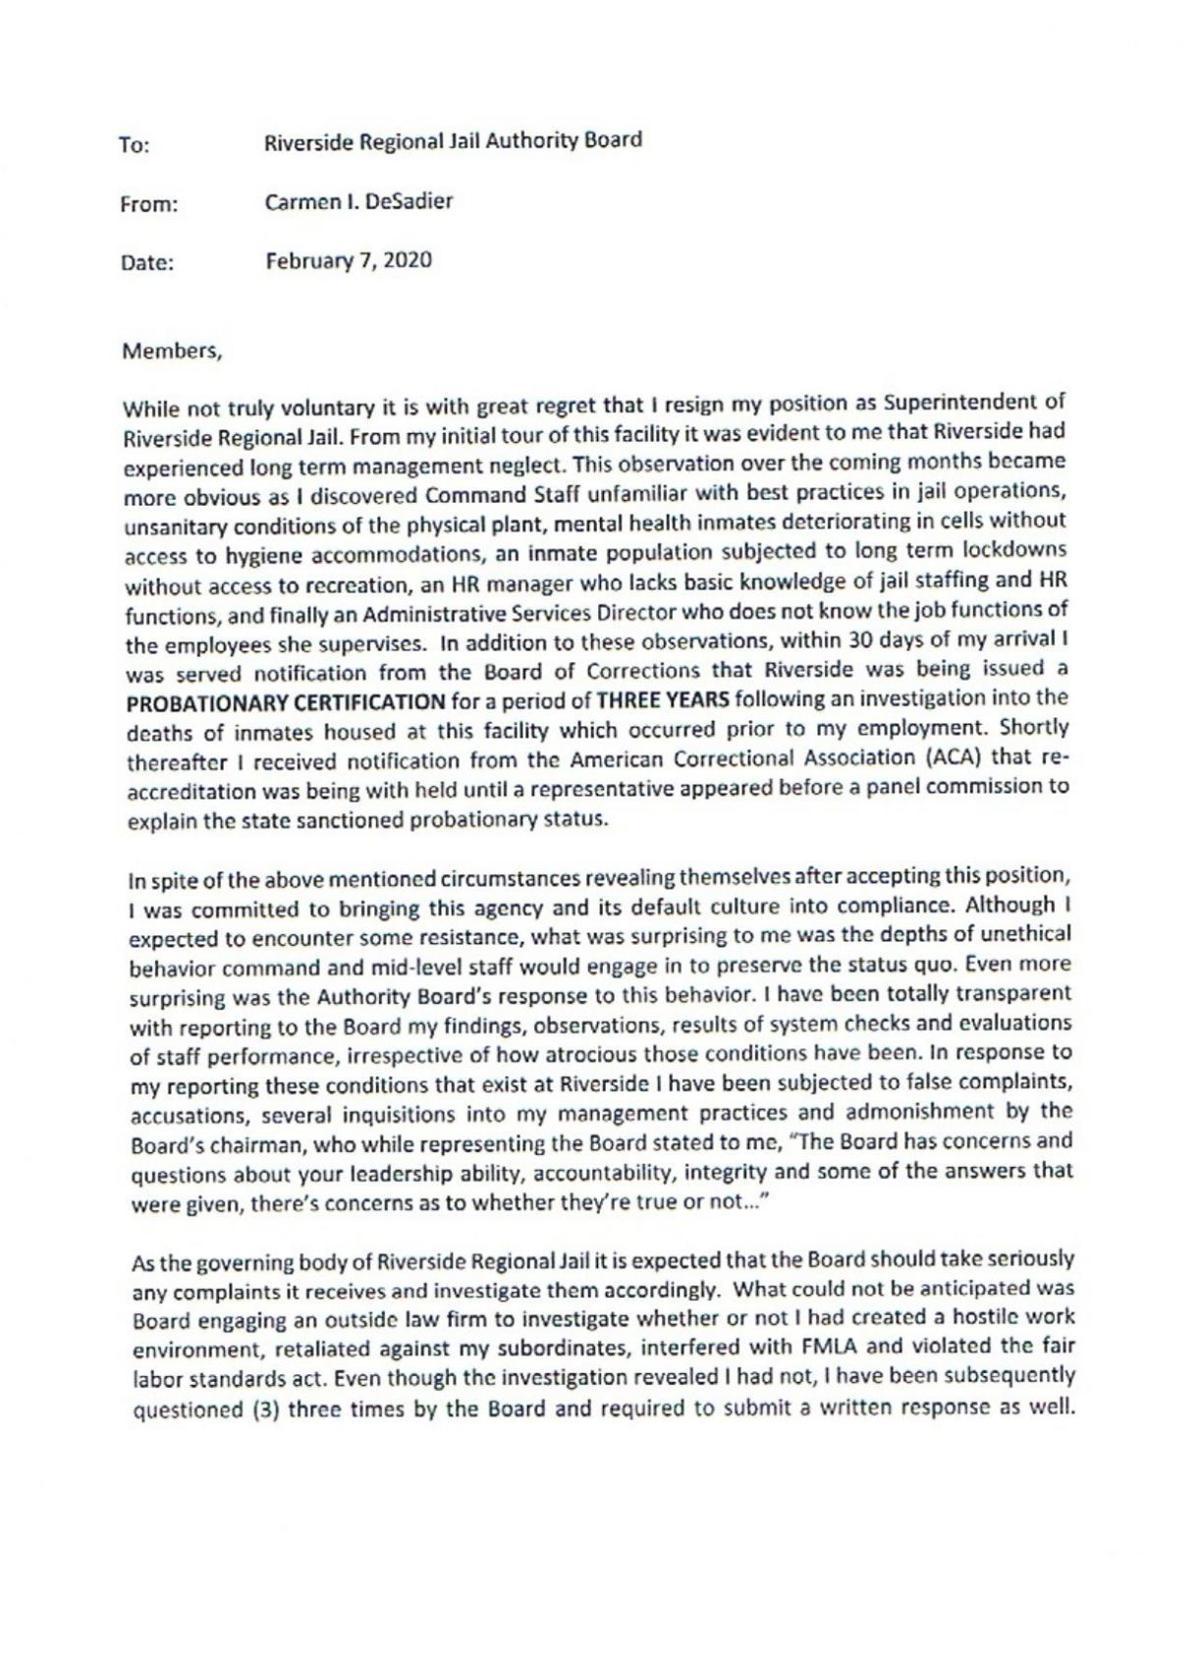 Carmen DeSadier resignation letter